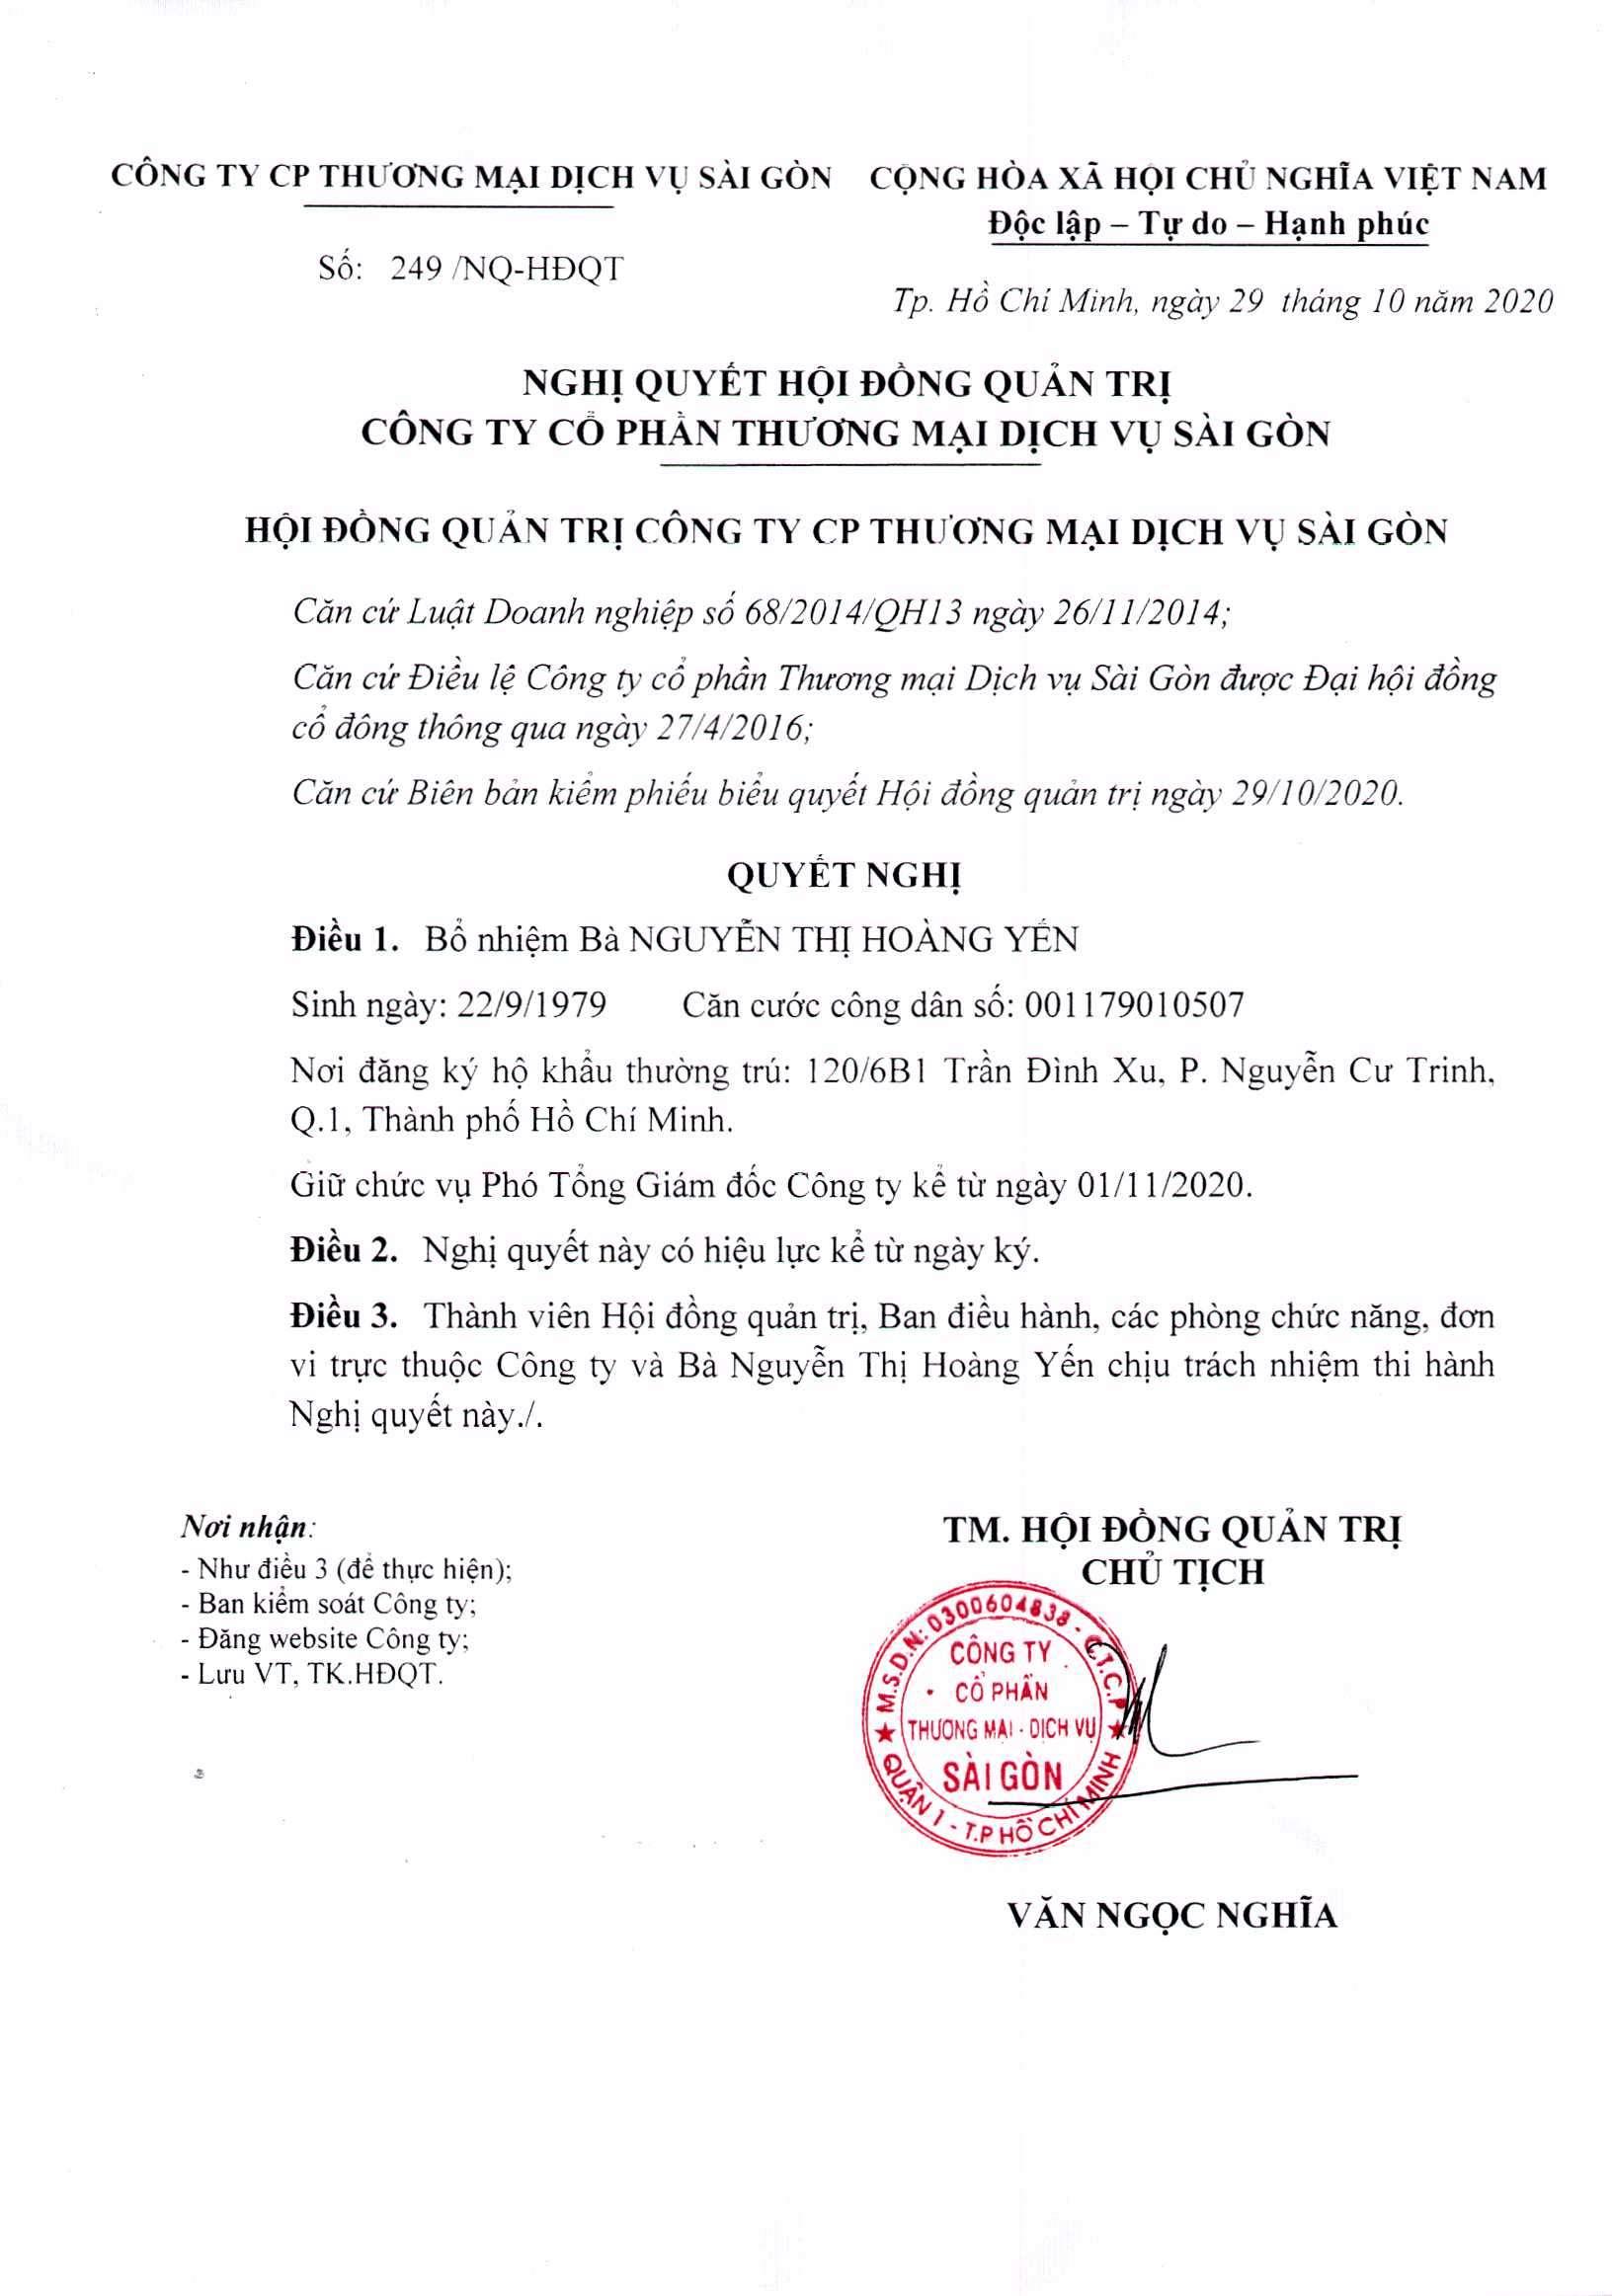 Nghị quyết 249-NQ-HĐQT ngày 29-10-2020